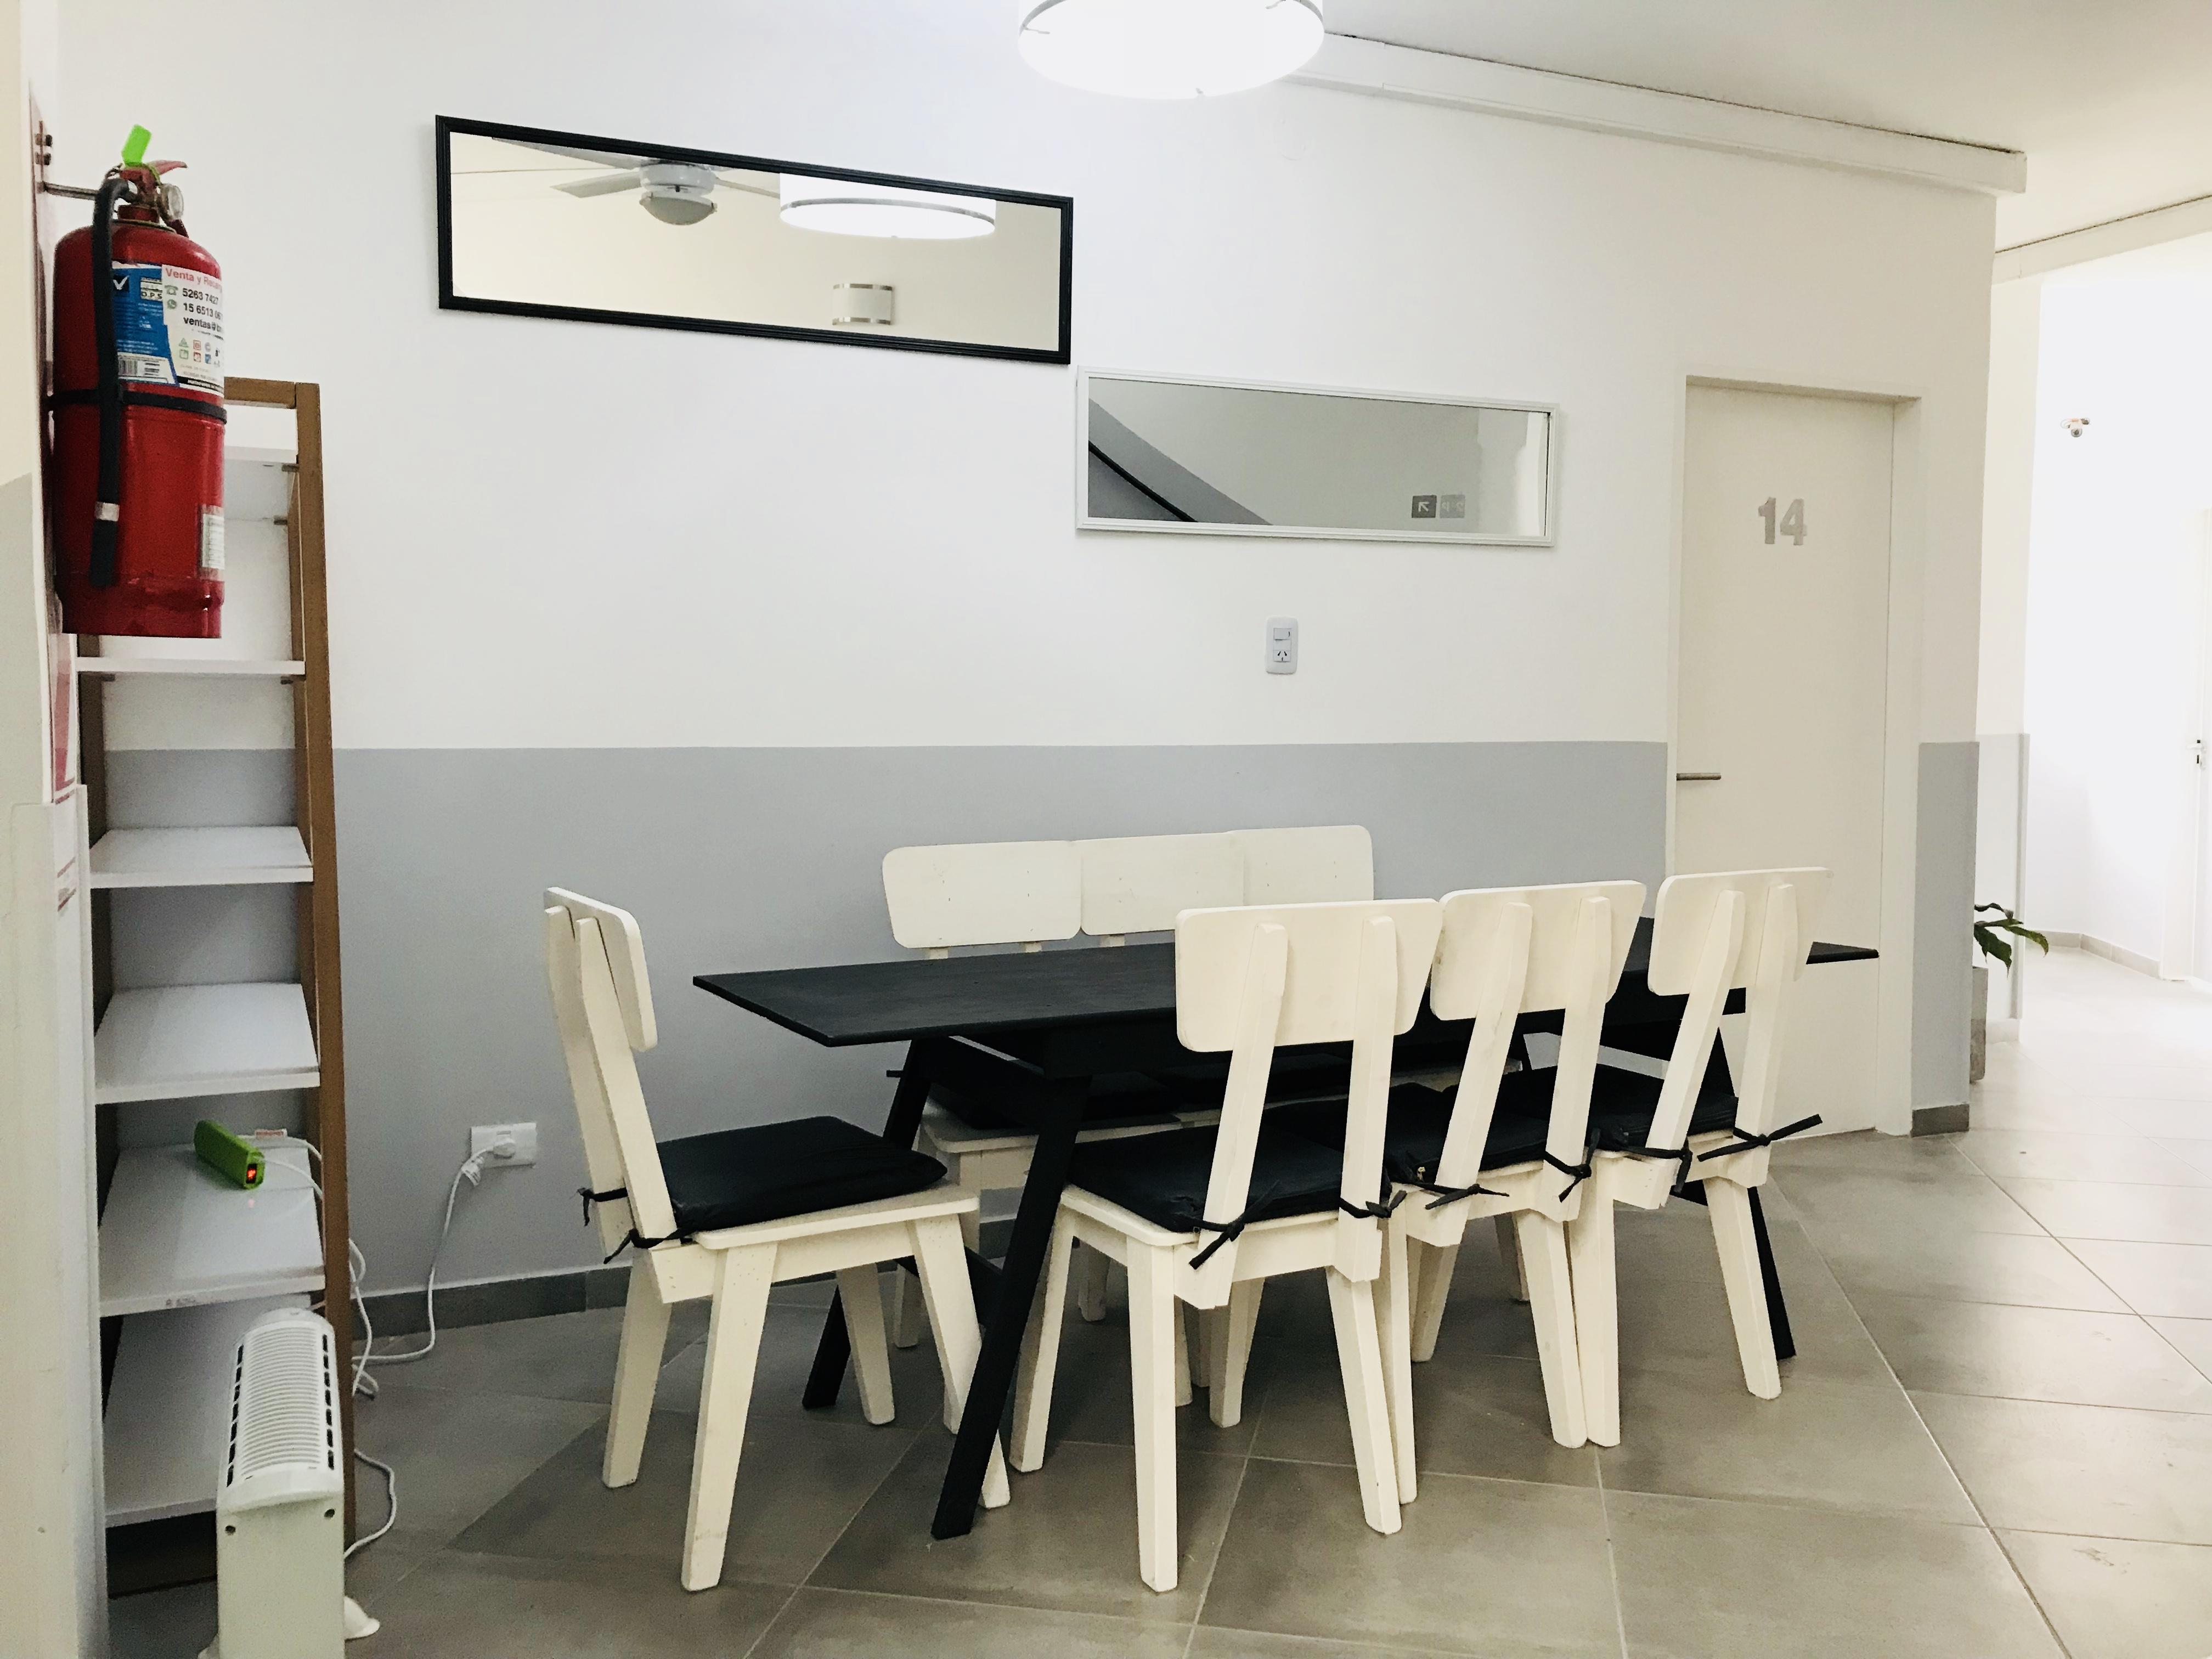 Salas de Estudios